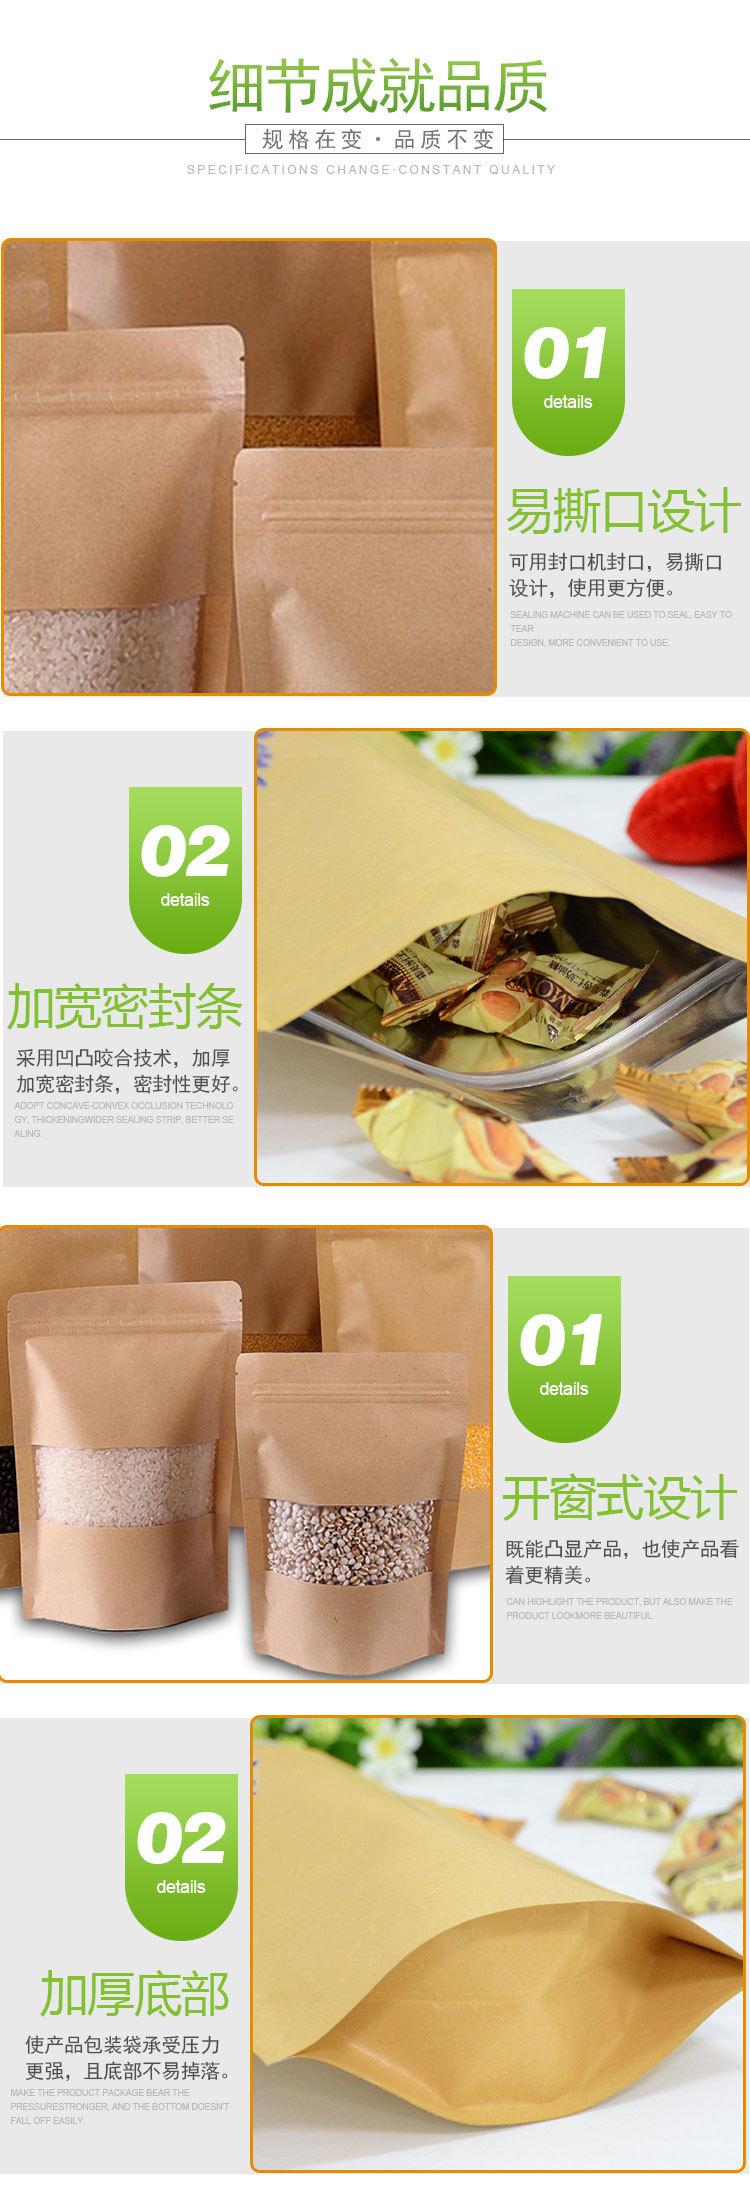 康利达定制磨砂开窗牛皮纸袋 食品自立自封包装袋 坚果八边封袋示例图4